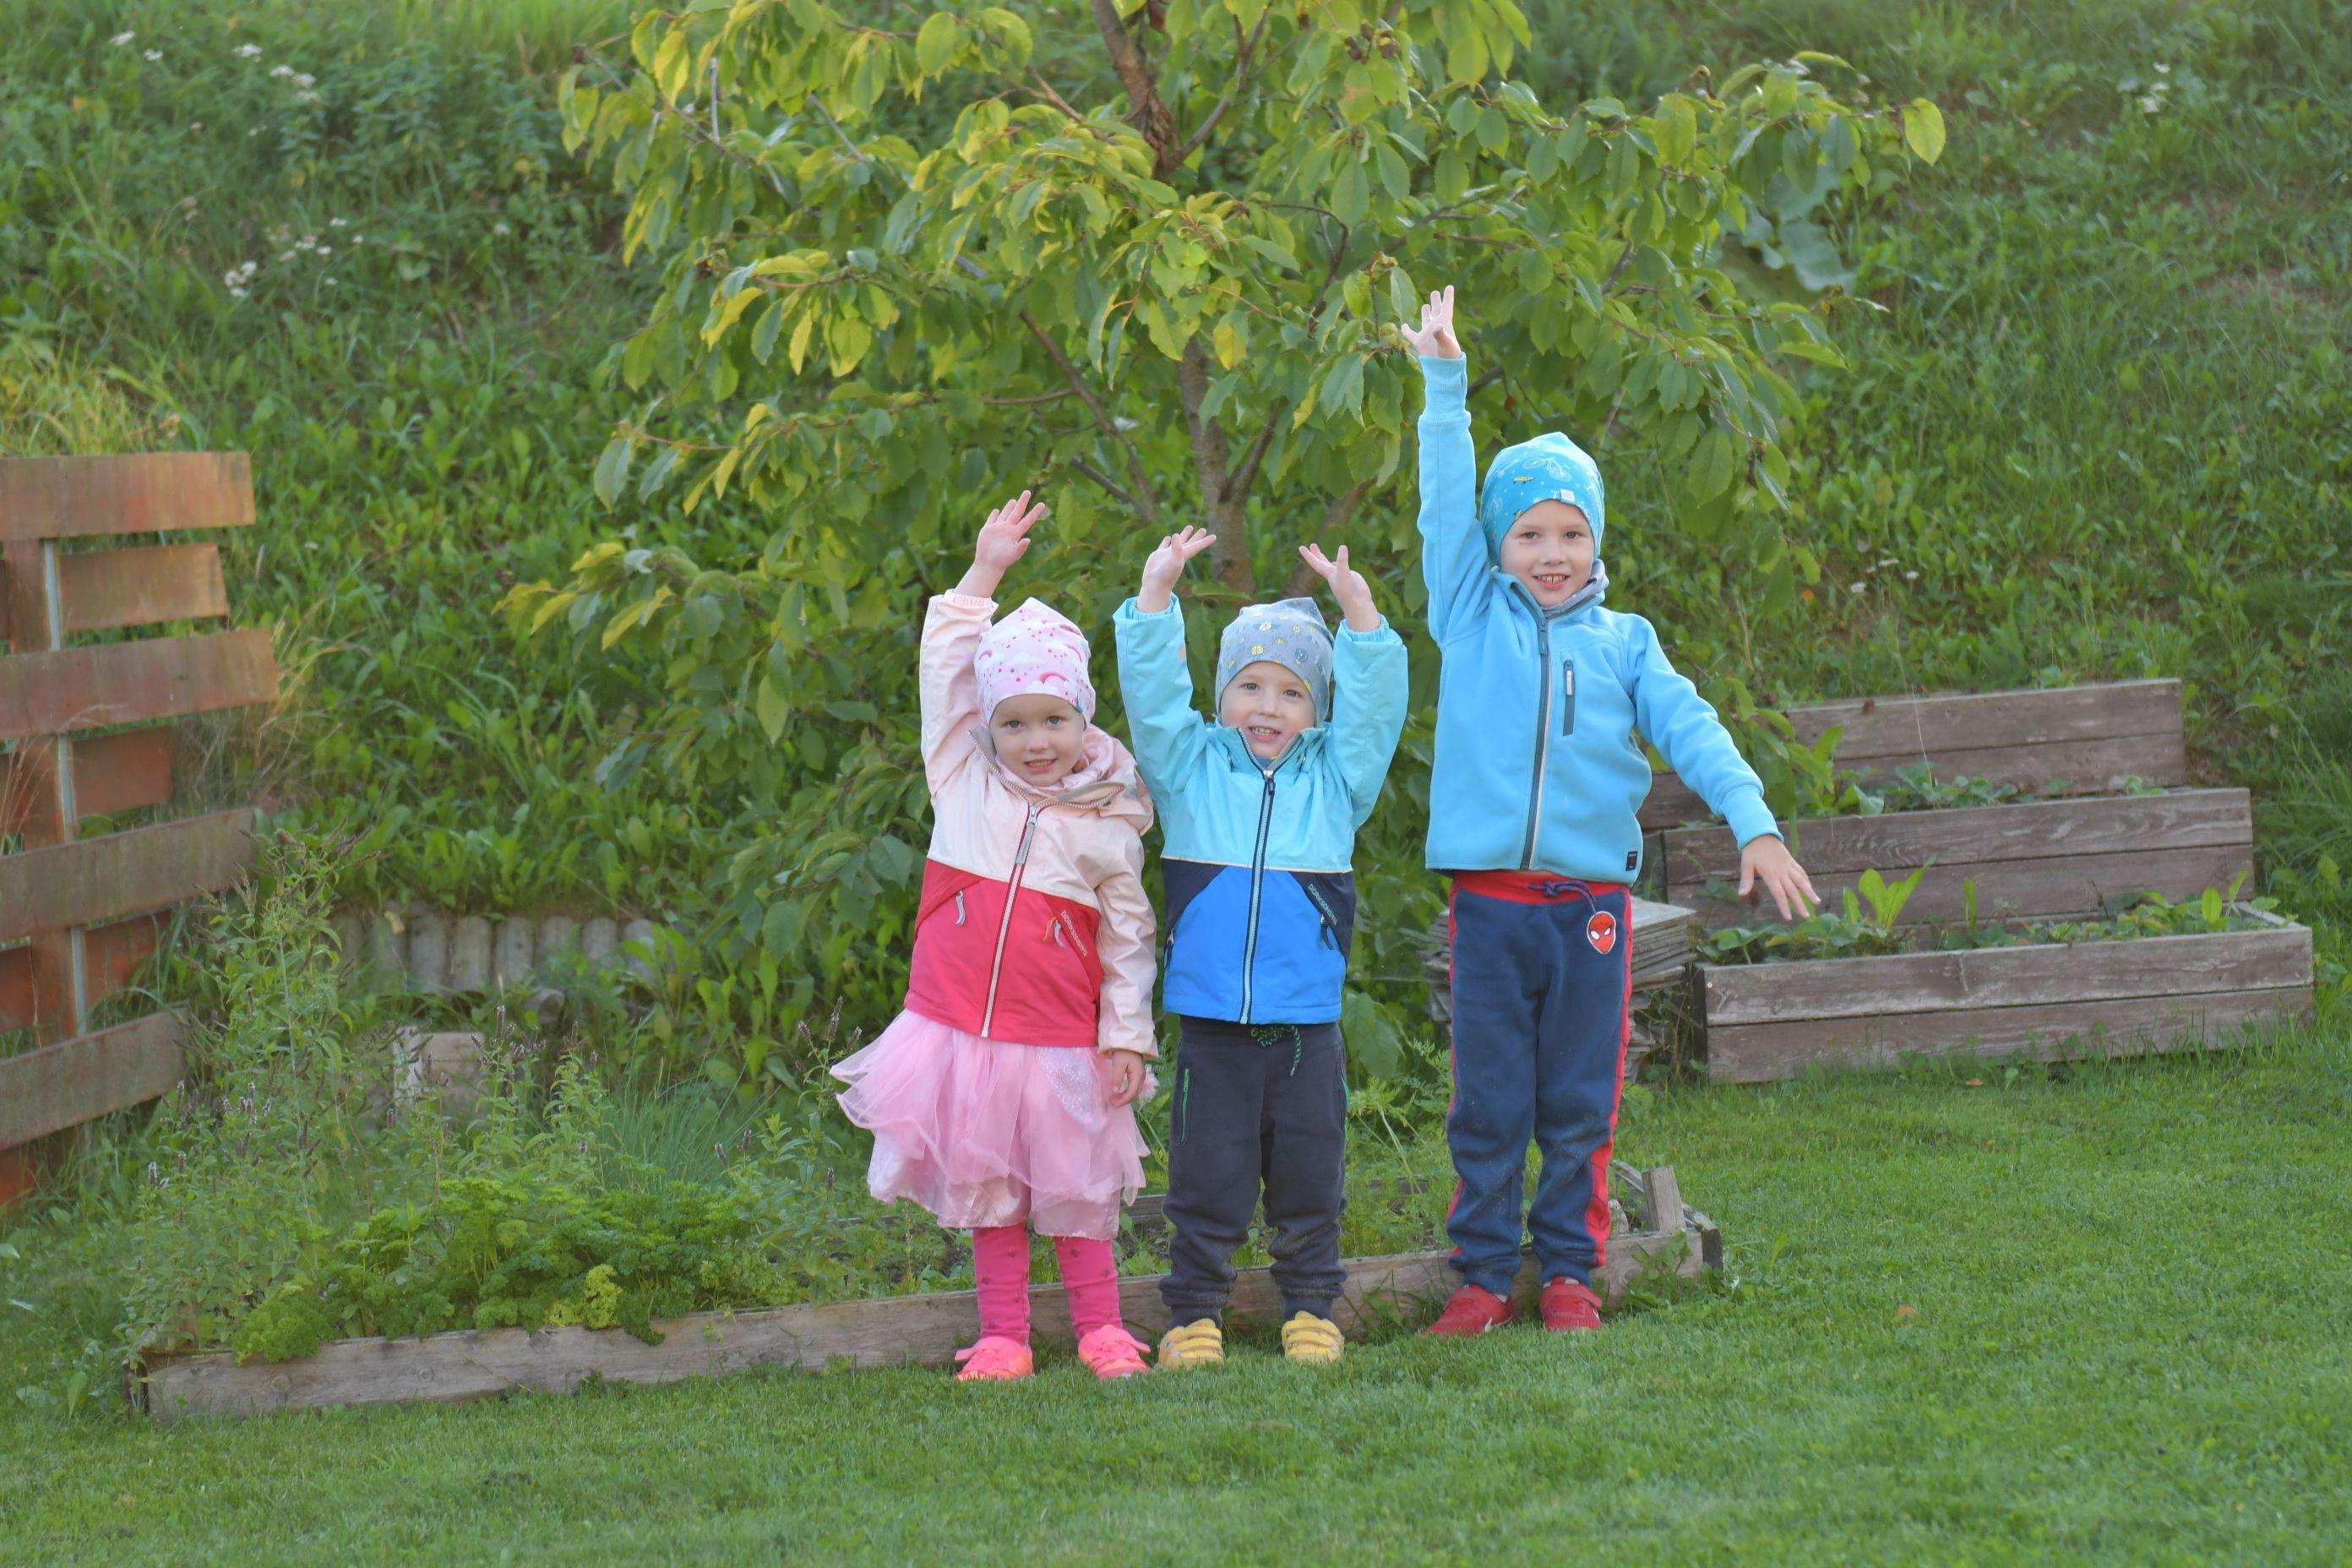 1e77b66592f Kuid õudseim asi, mis külmaga kaasneb, on laste riietamine. Enam ei saa  neid looduslapse kombel hommikul õue kupatada, vaid nad tuleb hoolikalt  riidesse ...